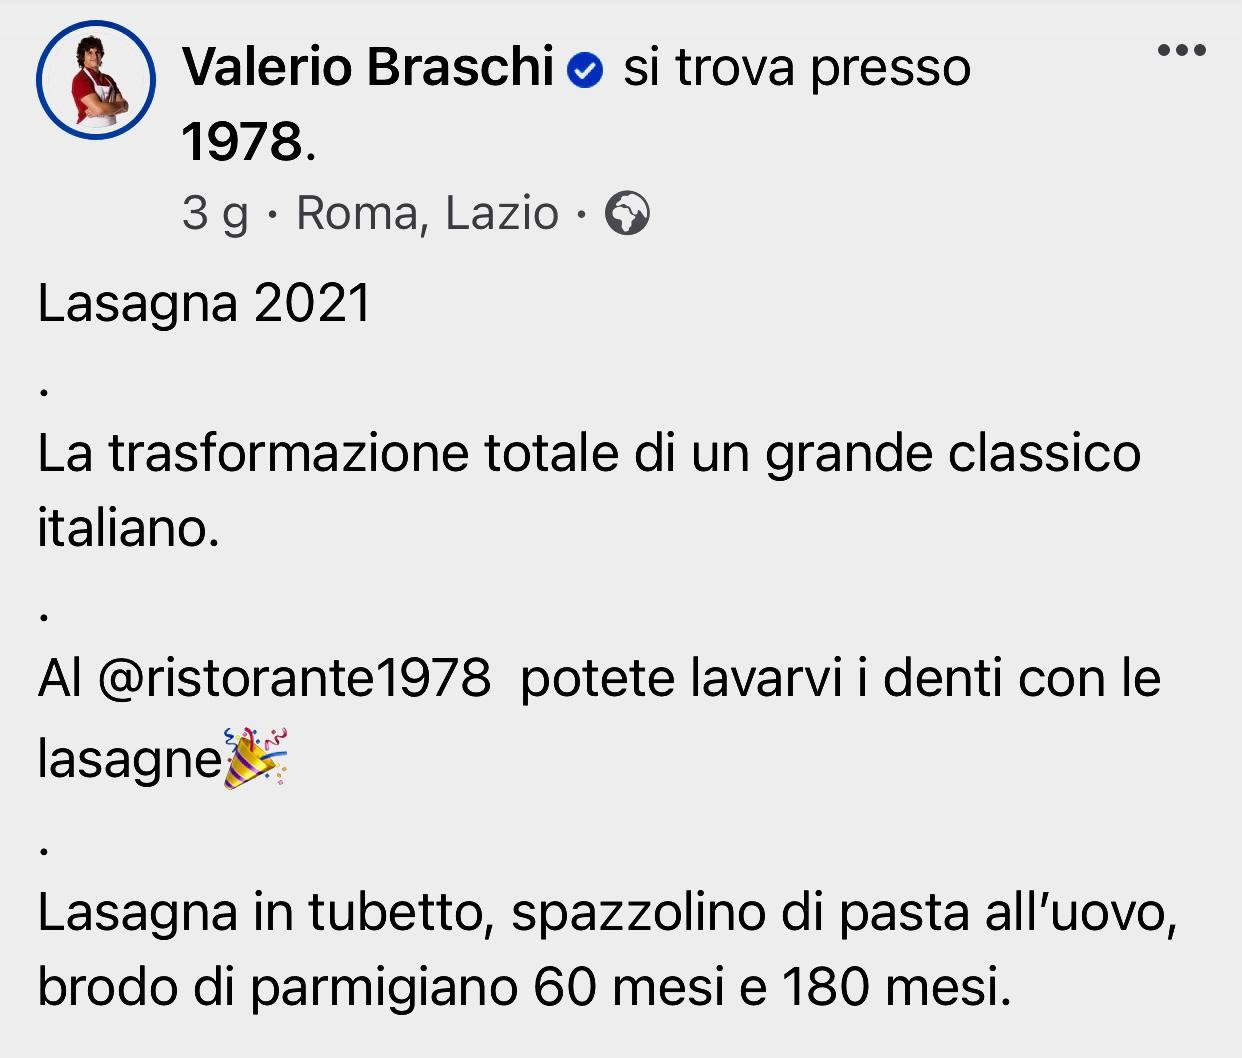 Valerio Braschi MasterChef